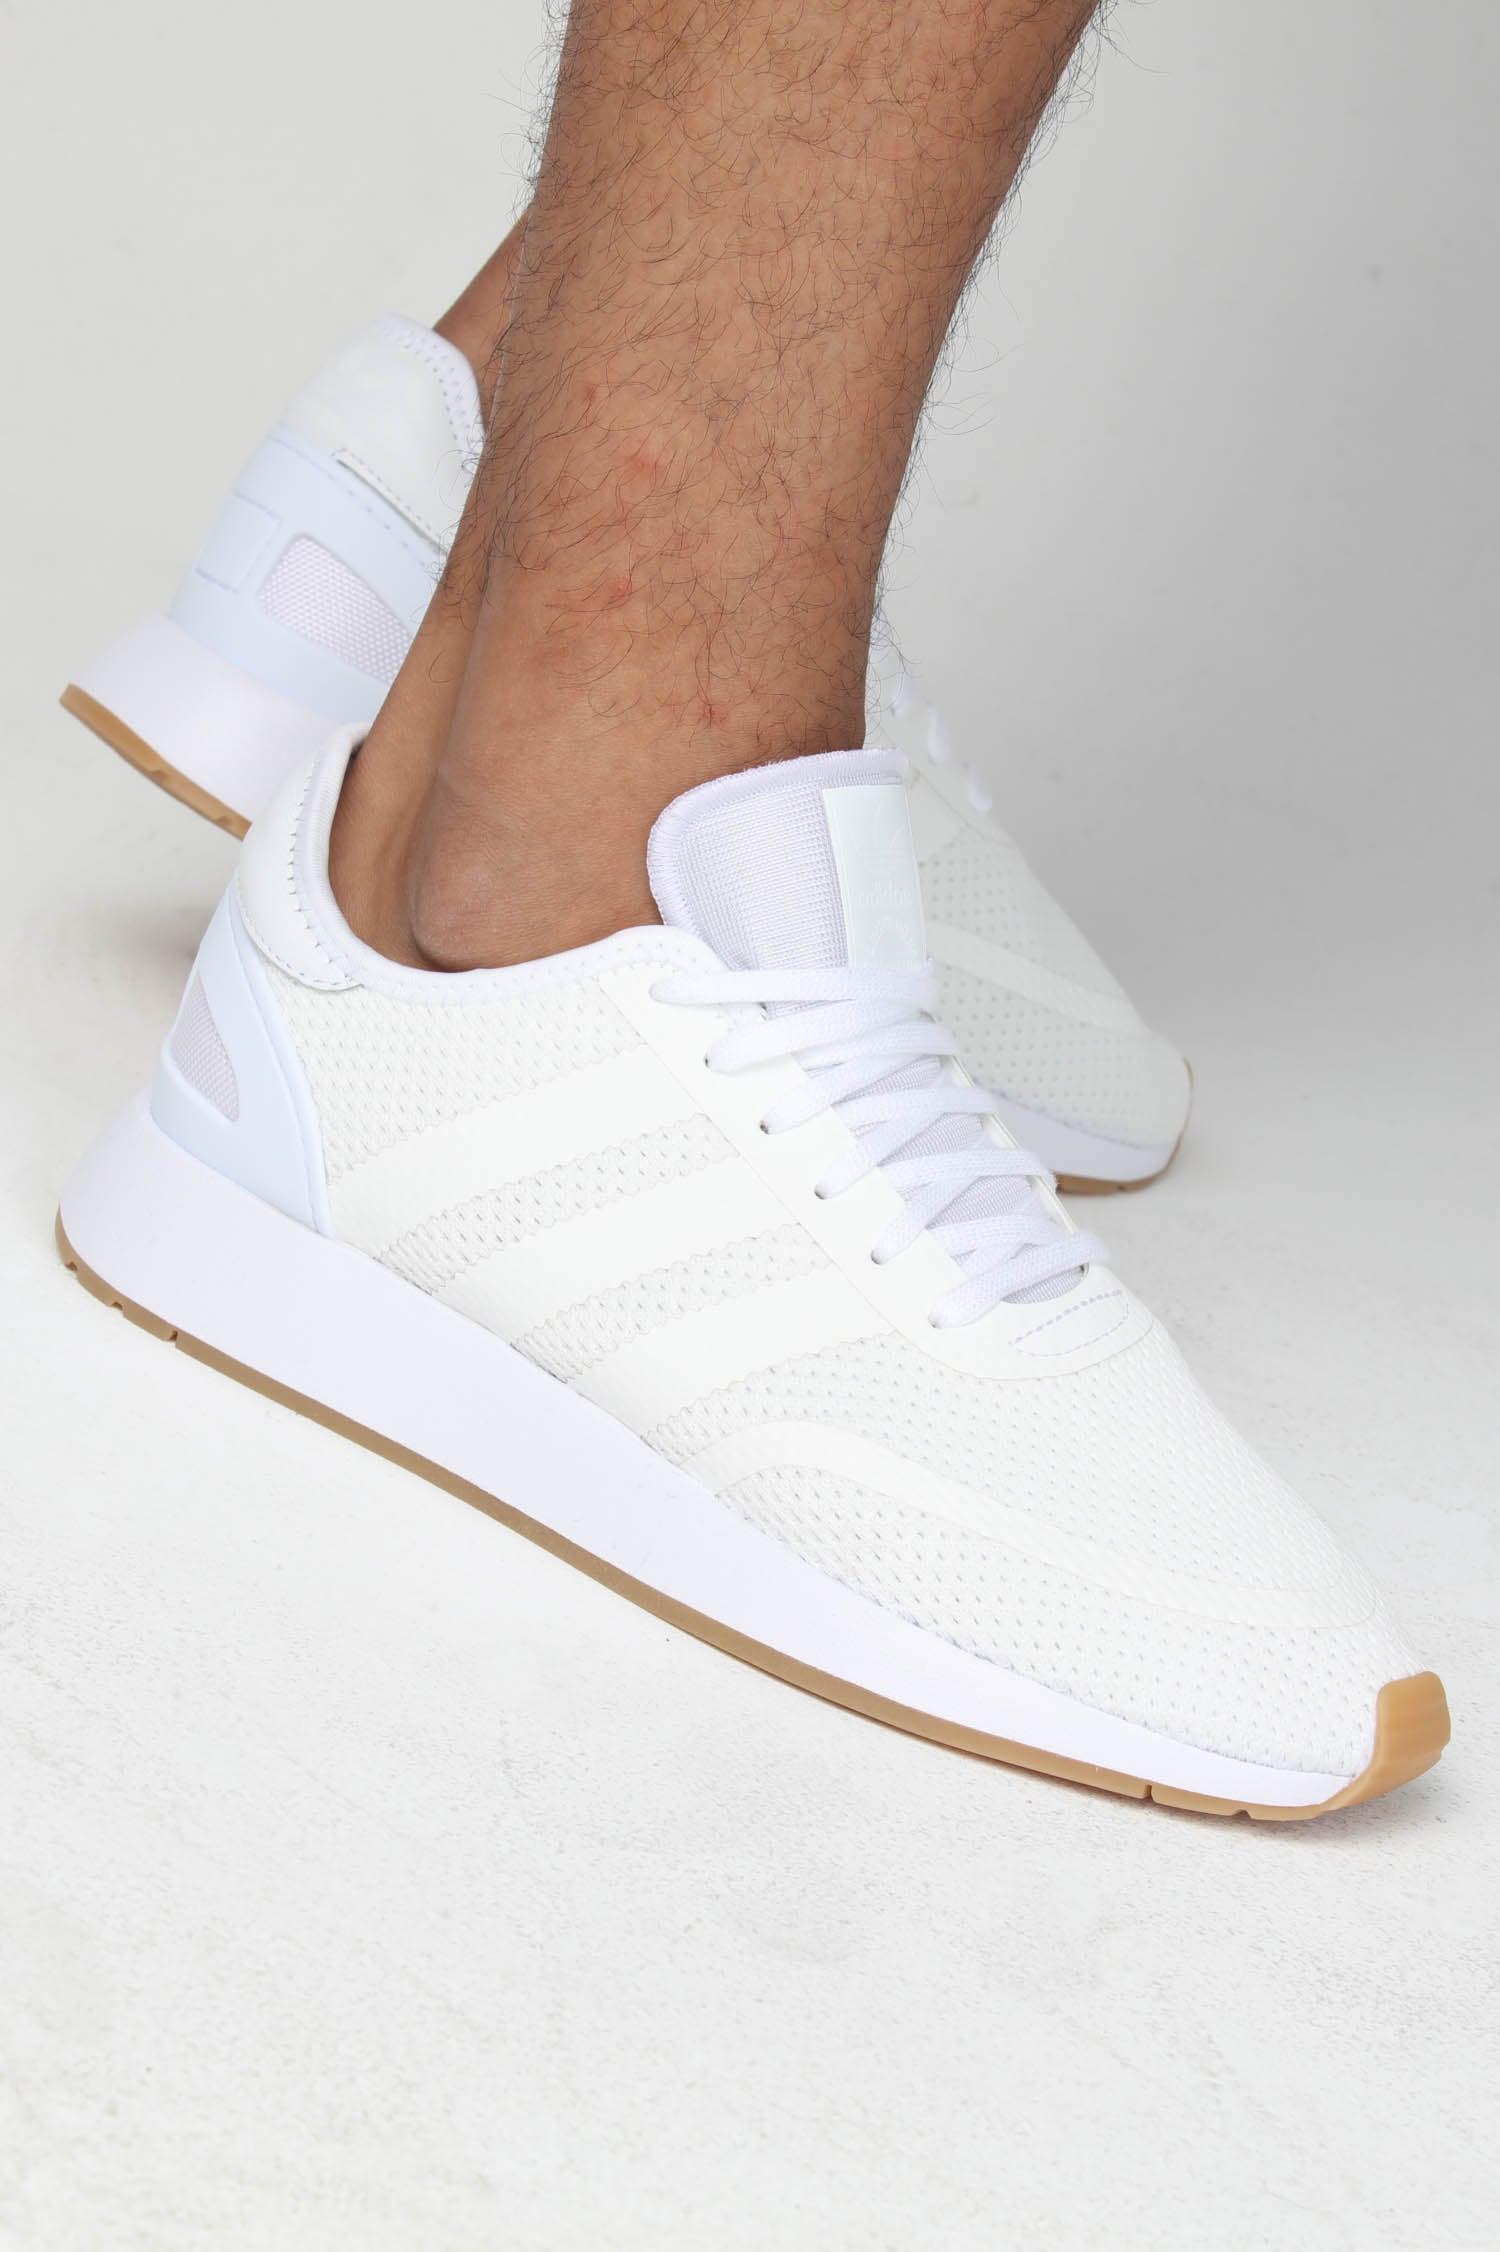 Adidas N-5923 White/White/Gum   Culture